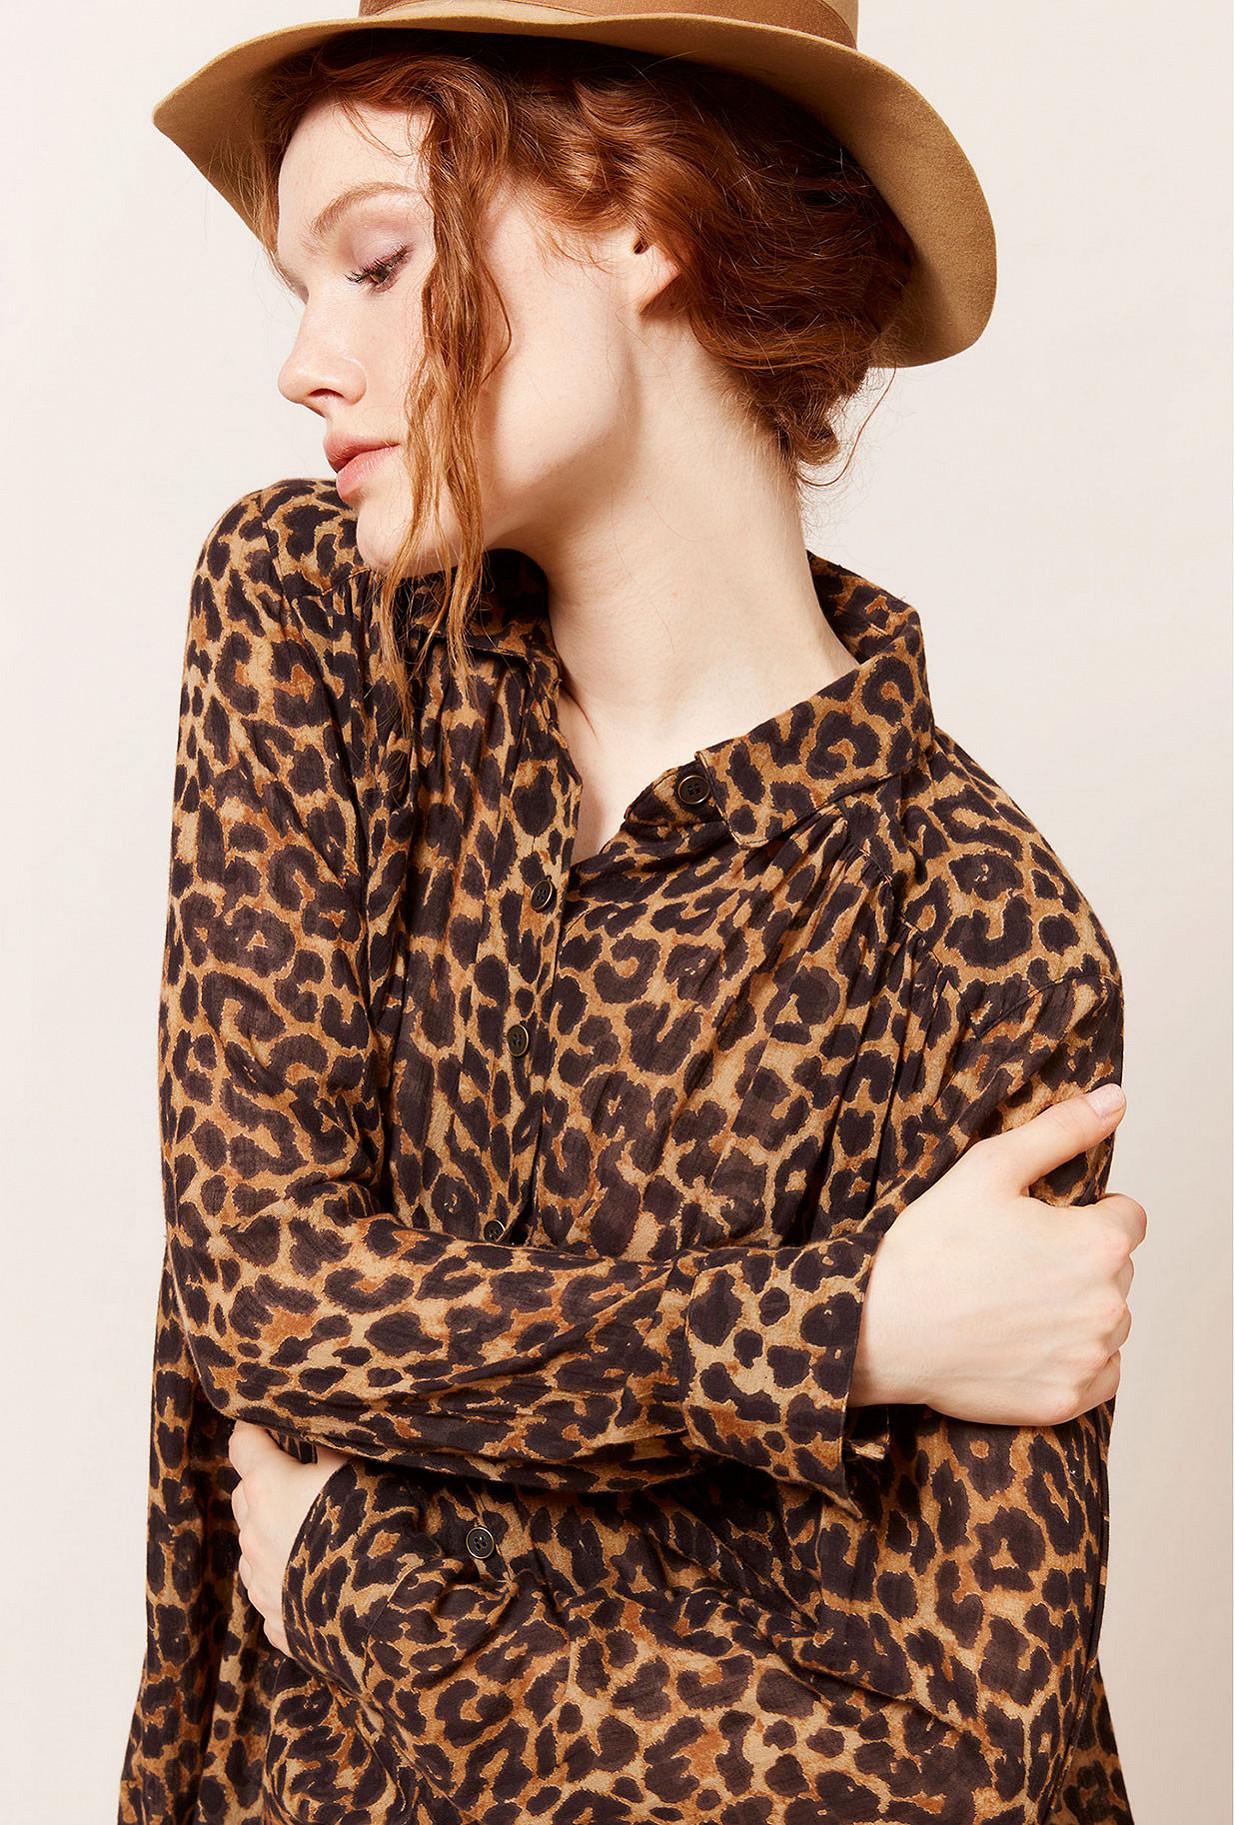 Paris clothes store Shirt  Feline french designer fashion Paris